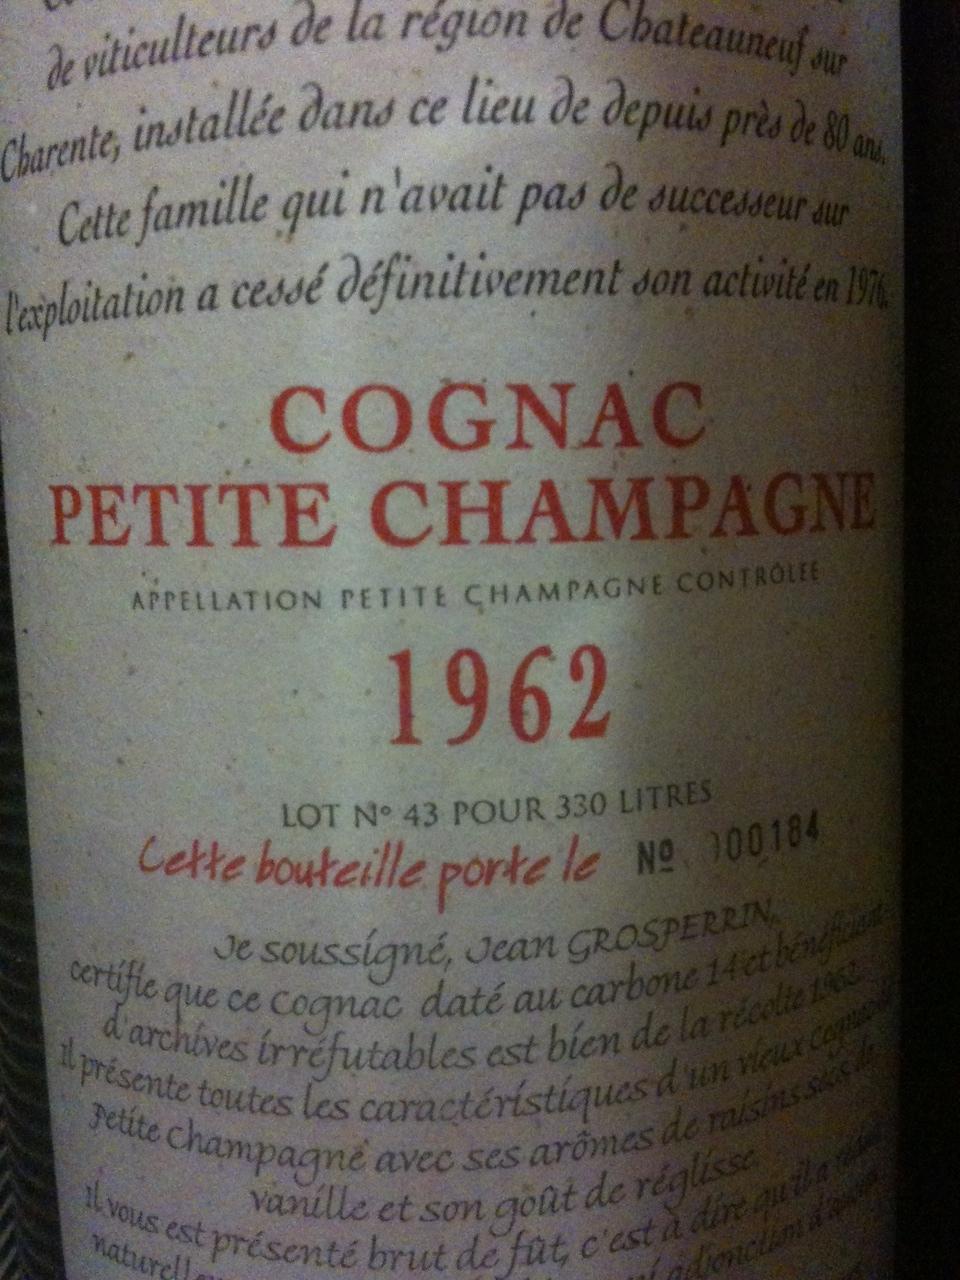 Reader has 1962 Vintage Jean Grosperrin Petite Champagne Cognac